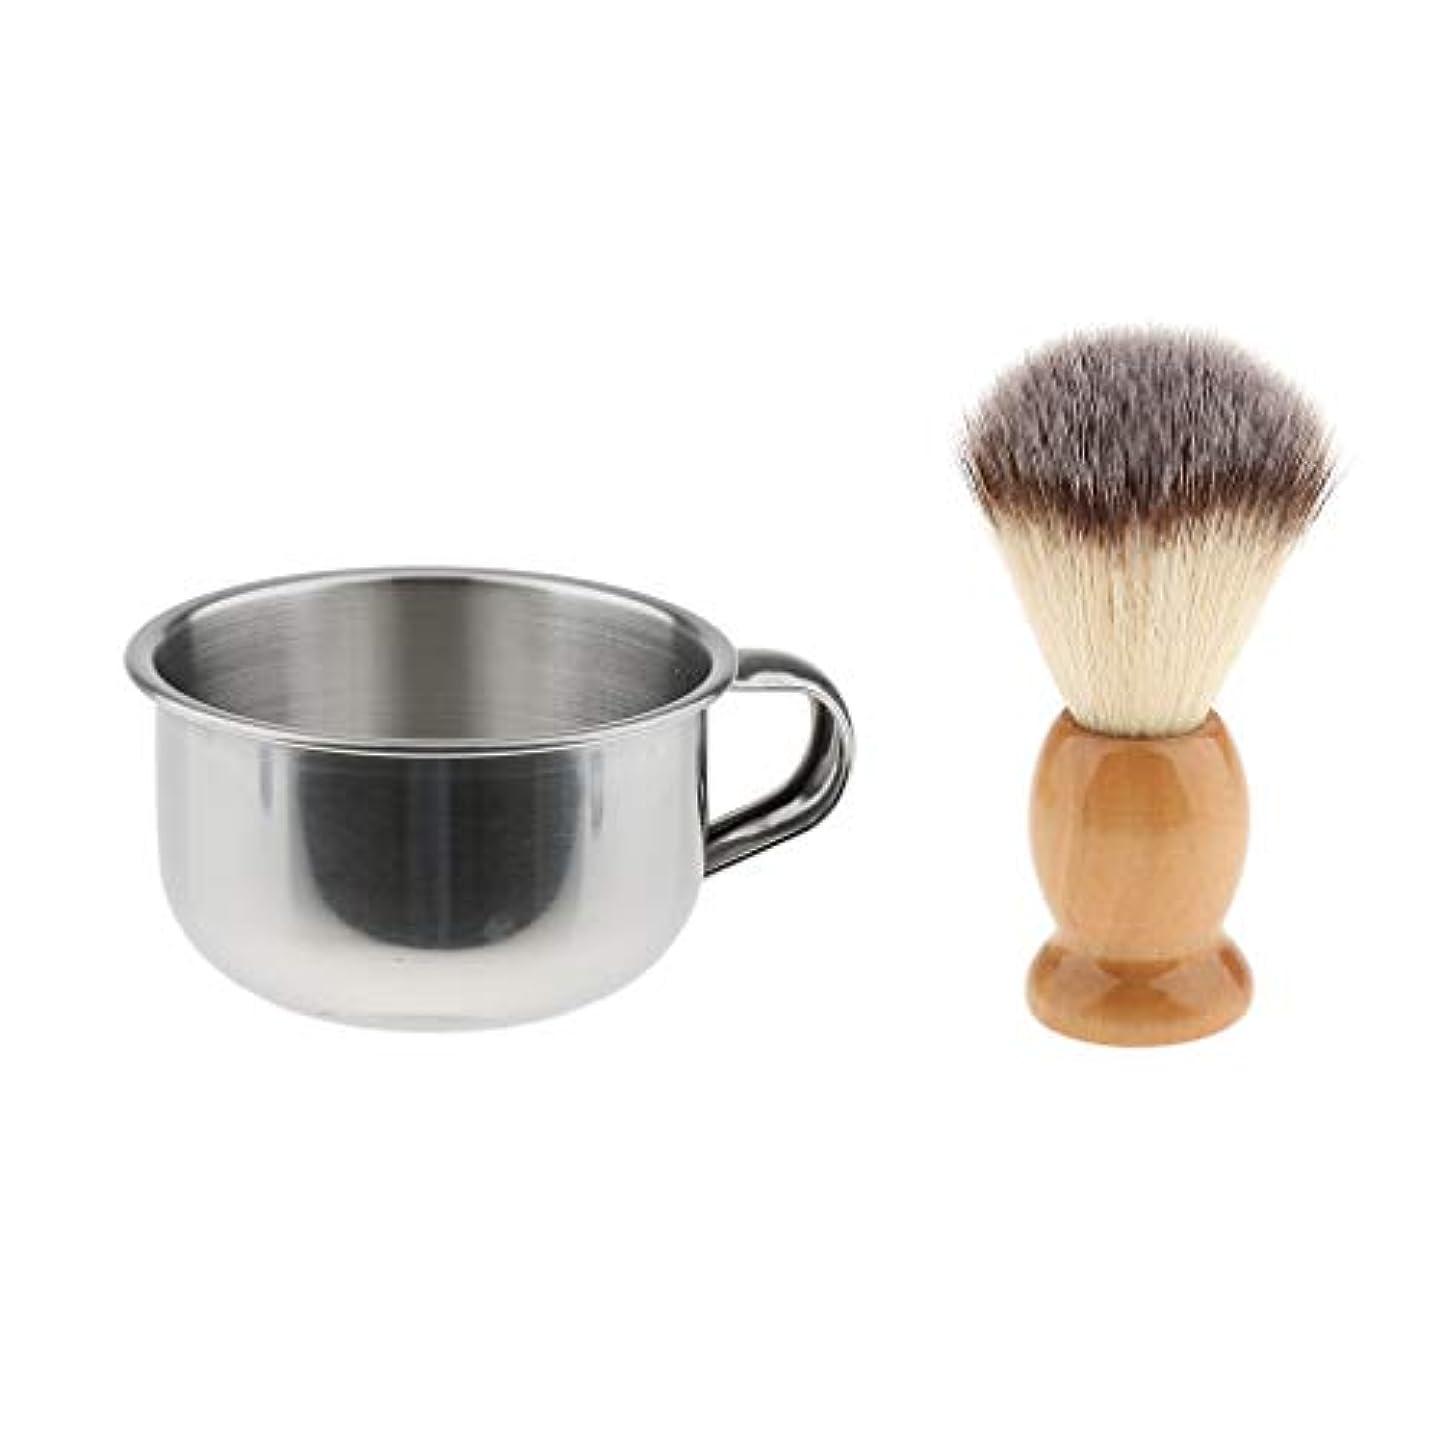 堀柔らかい足期待するdailymall 2pcsの男性のひげの毛づくろうの木のシェービングブラシボウルのマグカップセット